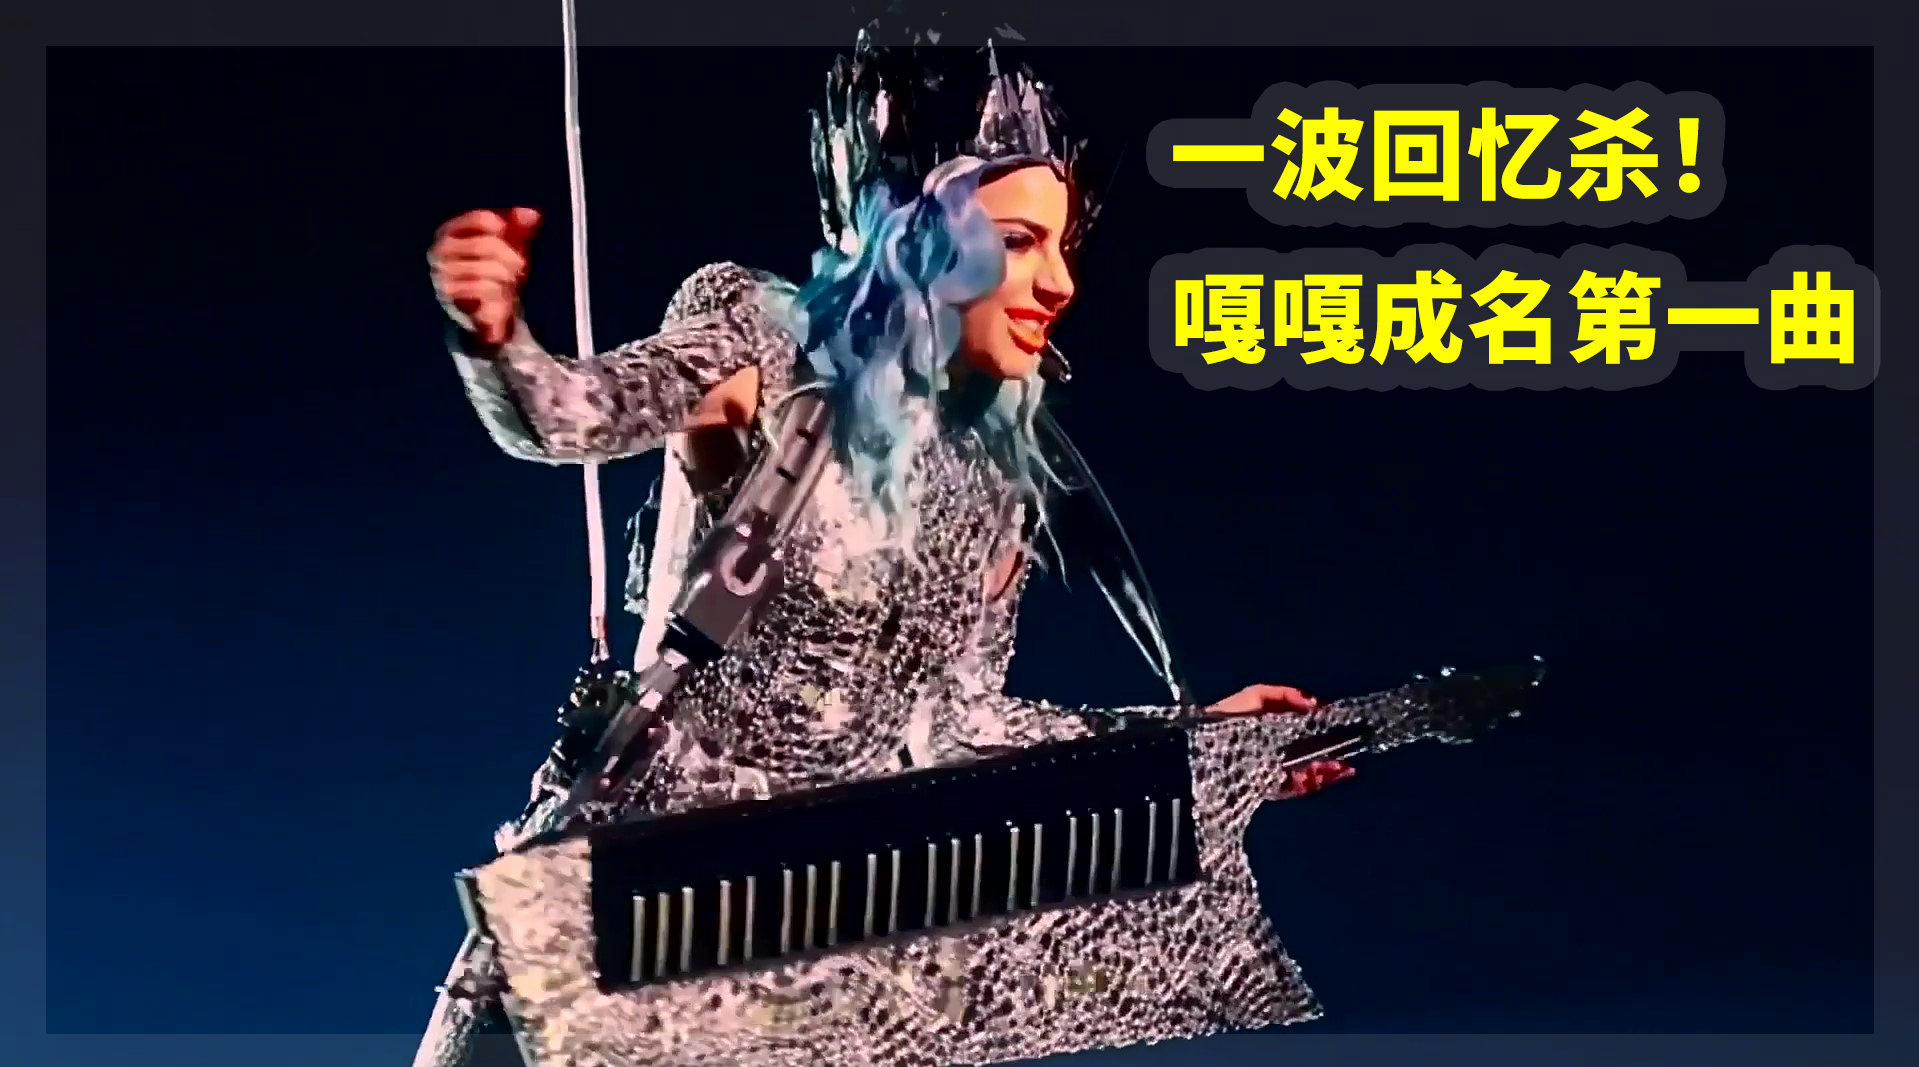 一波回忆杀!Lady Gaga良心电子舞曲